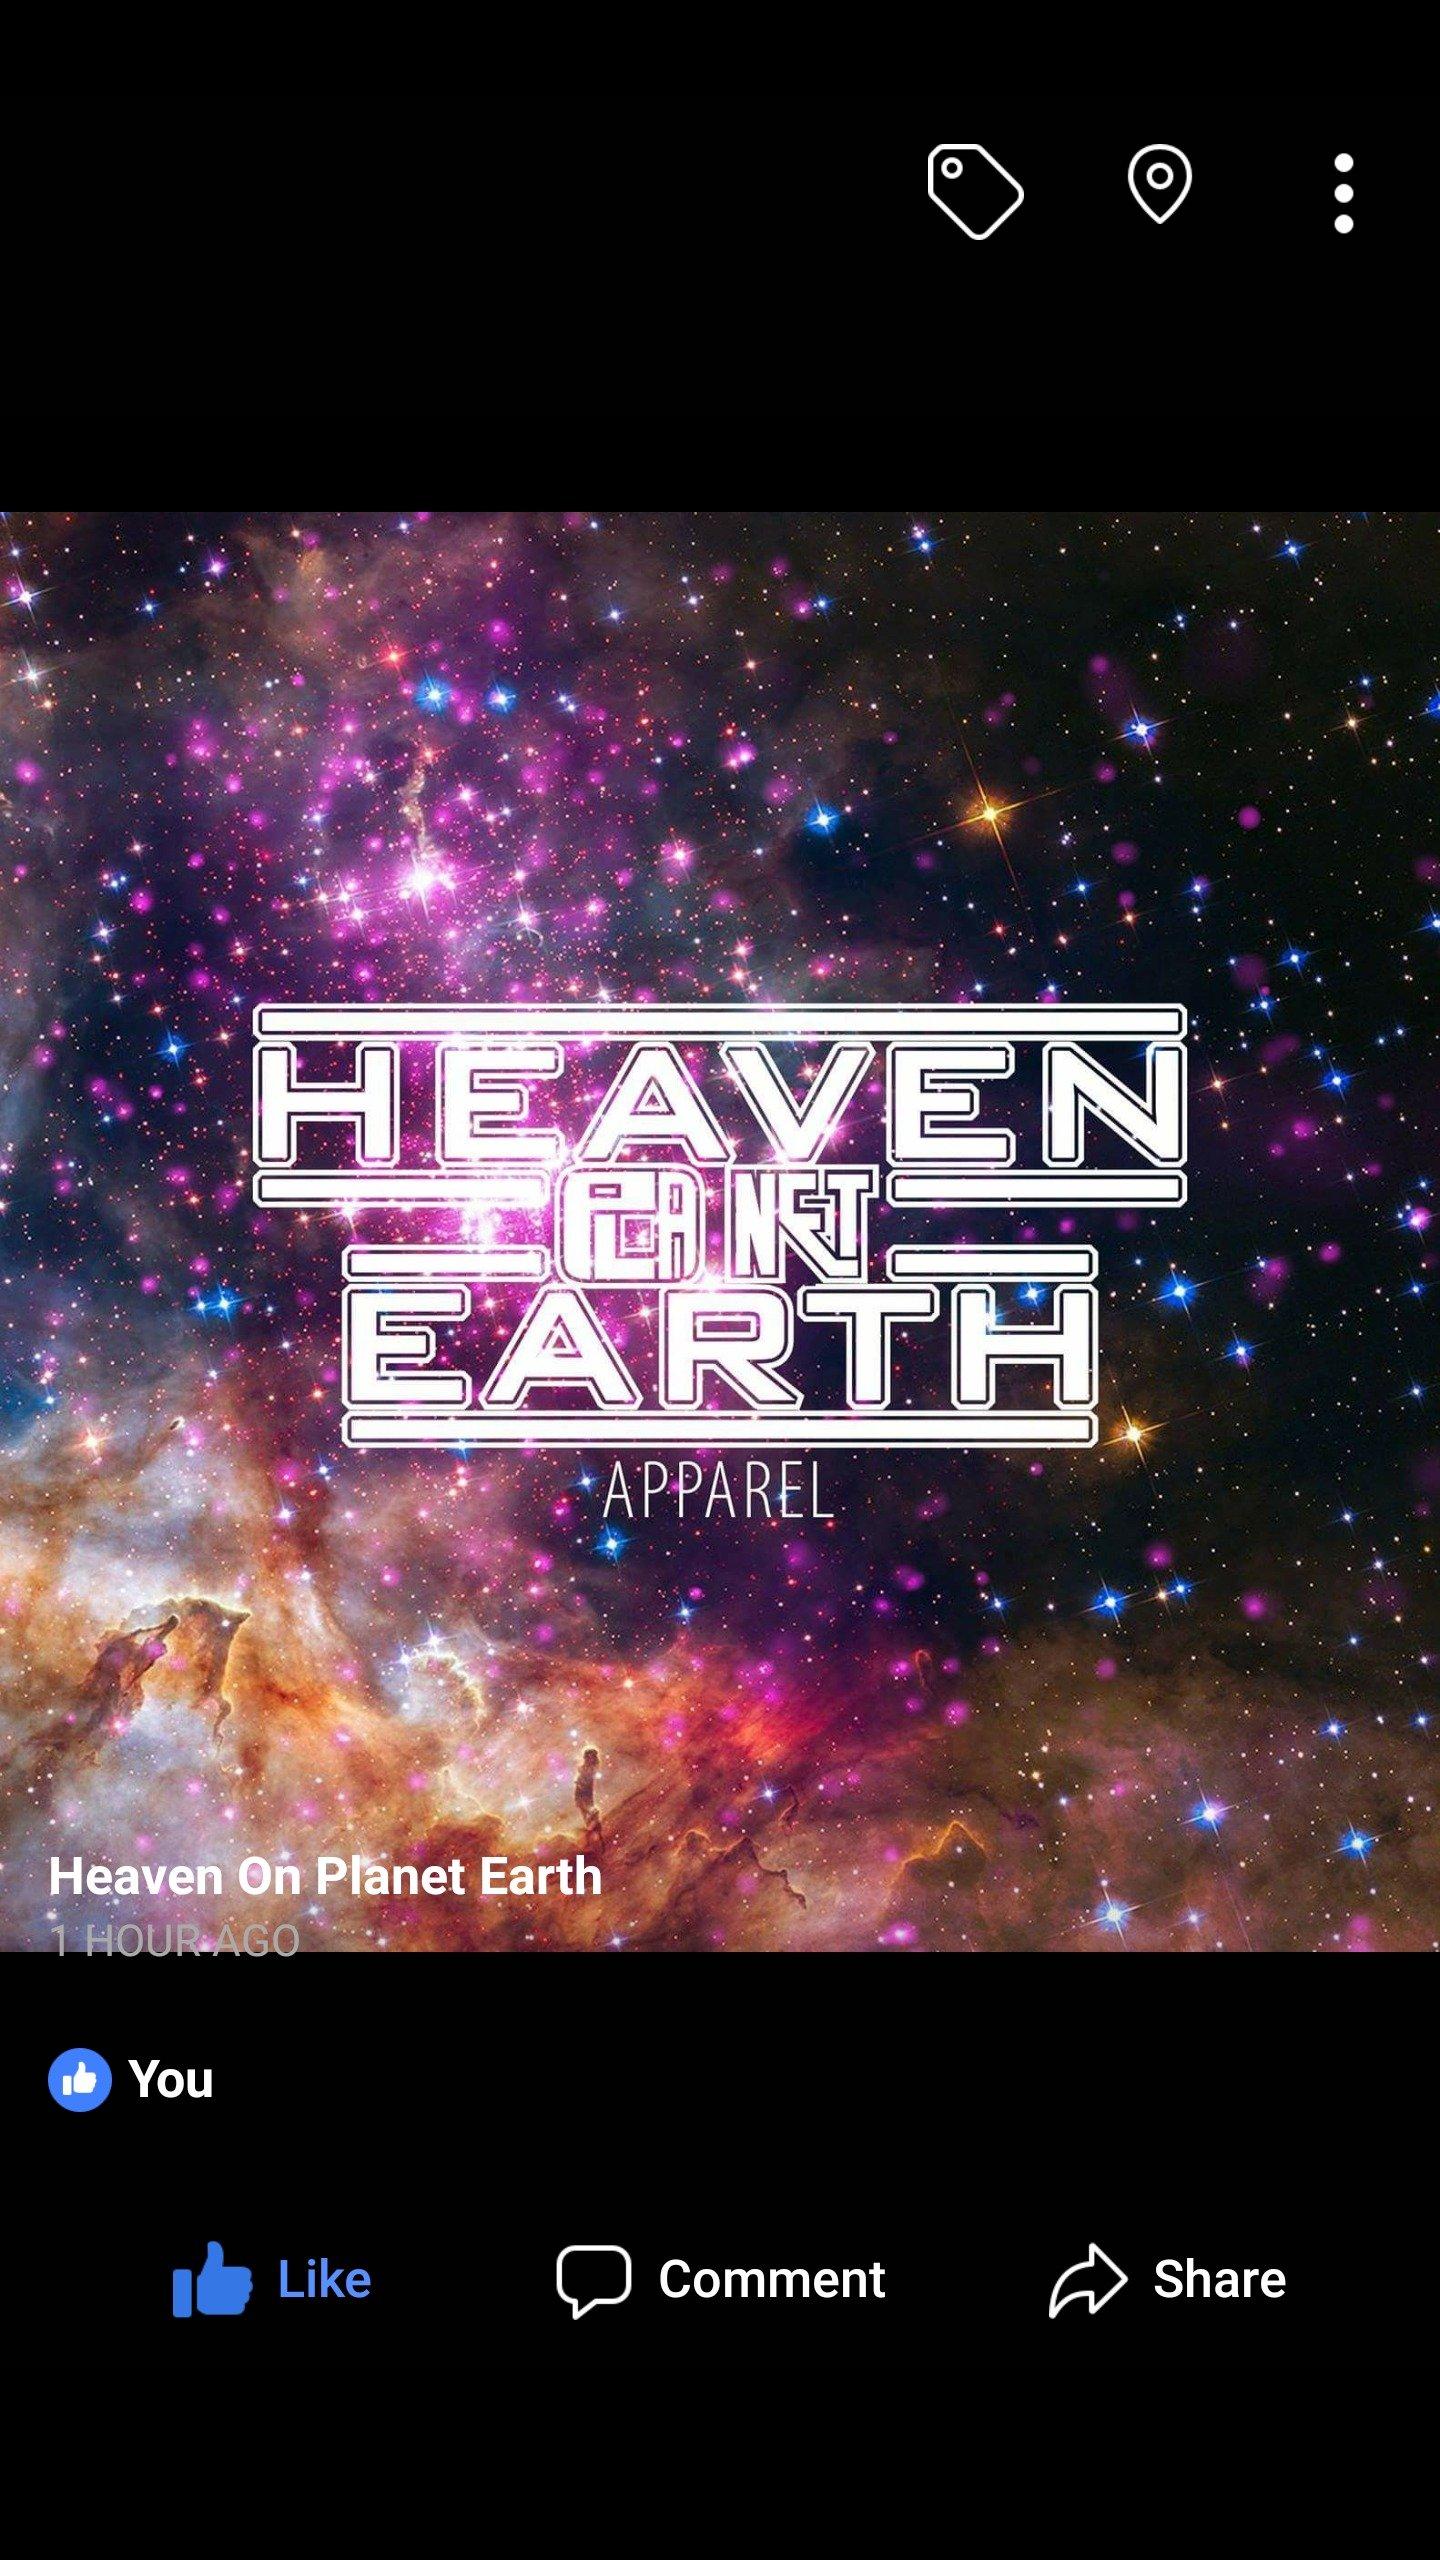 heaven on planet earth